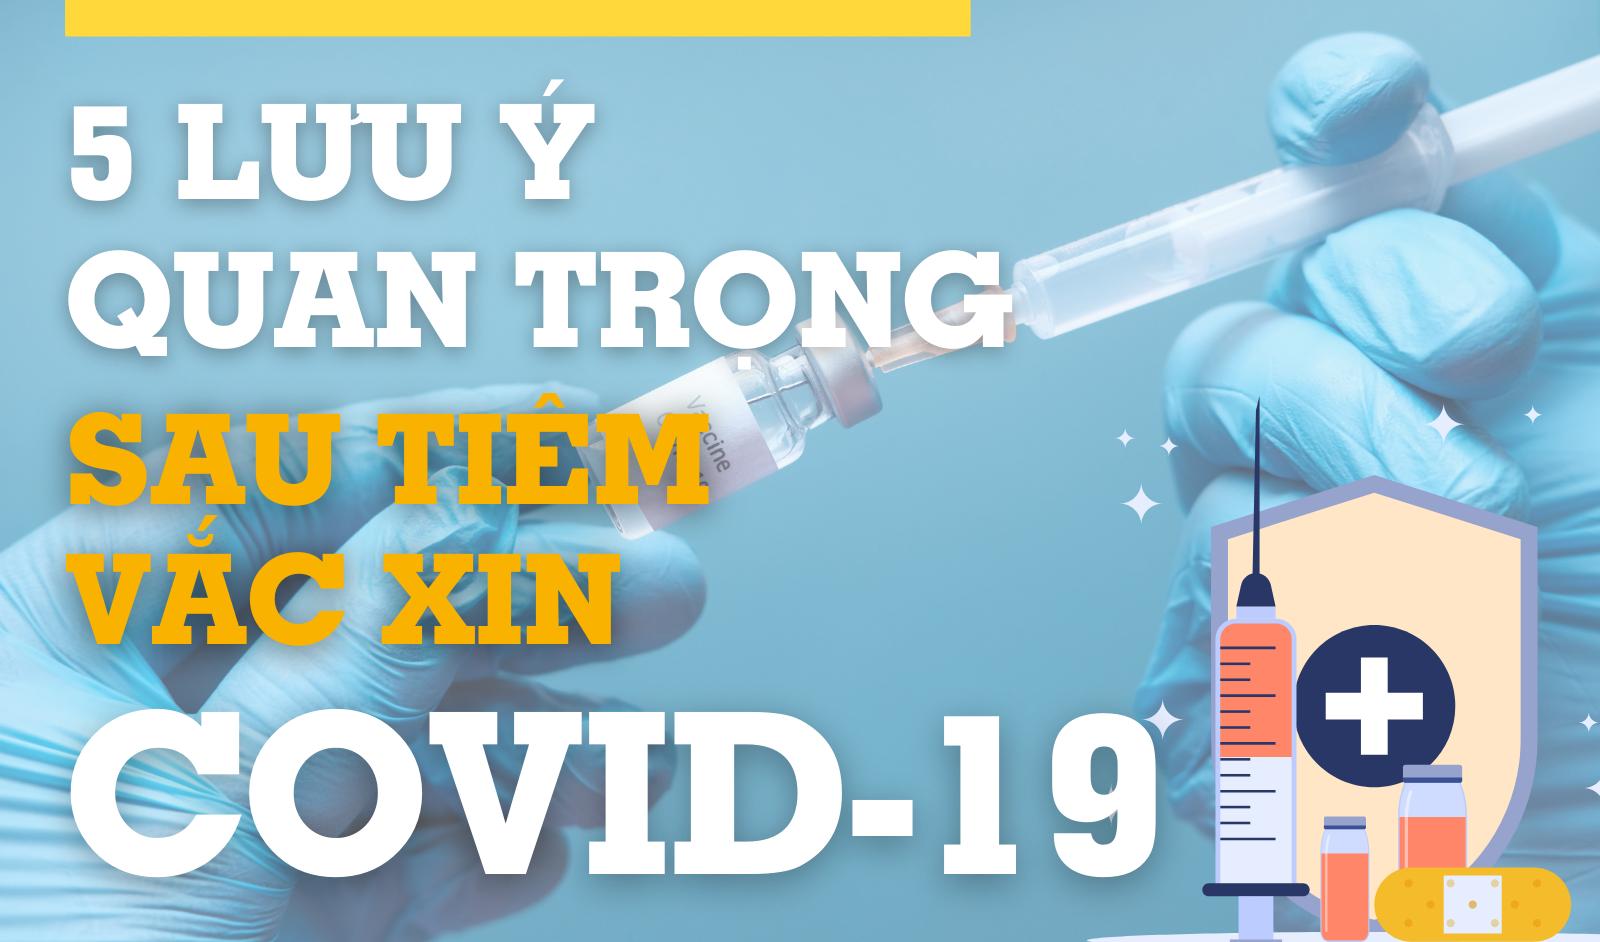 [Infographic] 5 lưu ý quan trọng sau tiêm vắc xin Covid-19